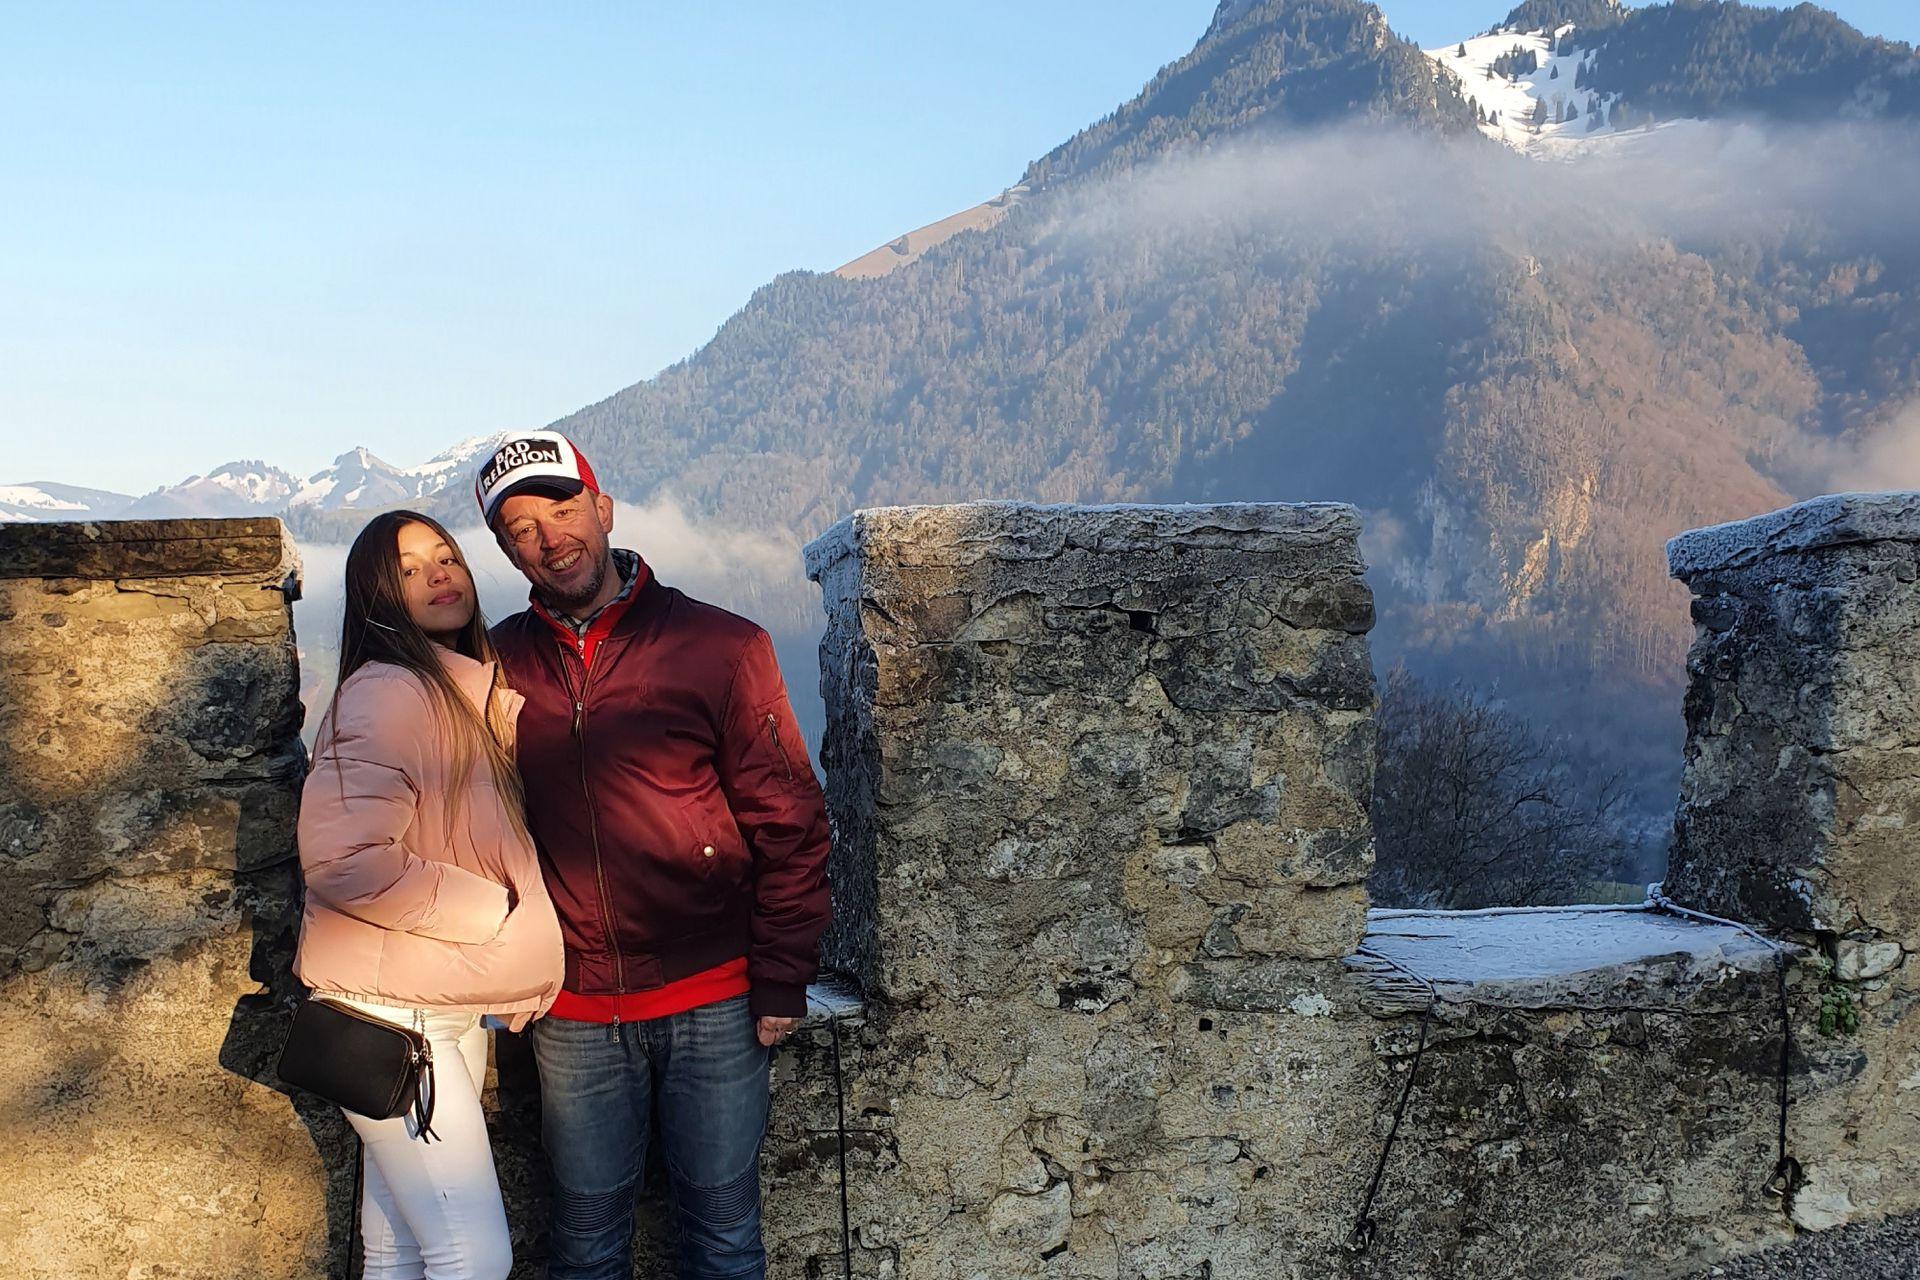 Con su hija en Gruyere, Suiza.